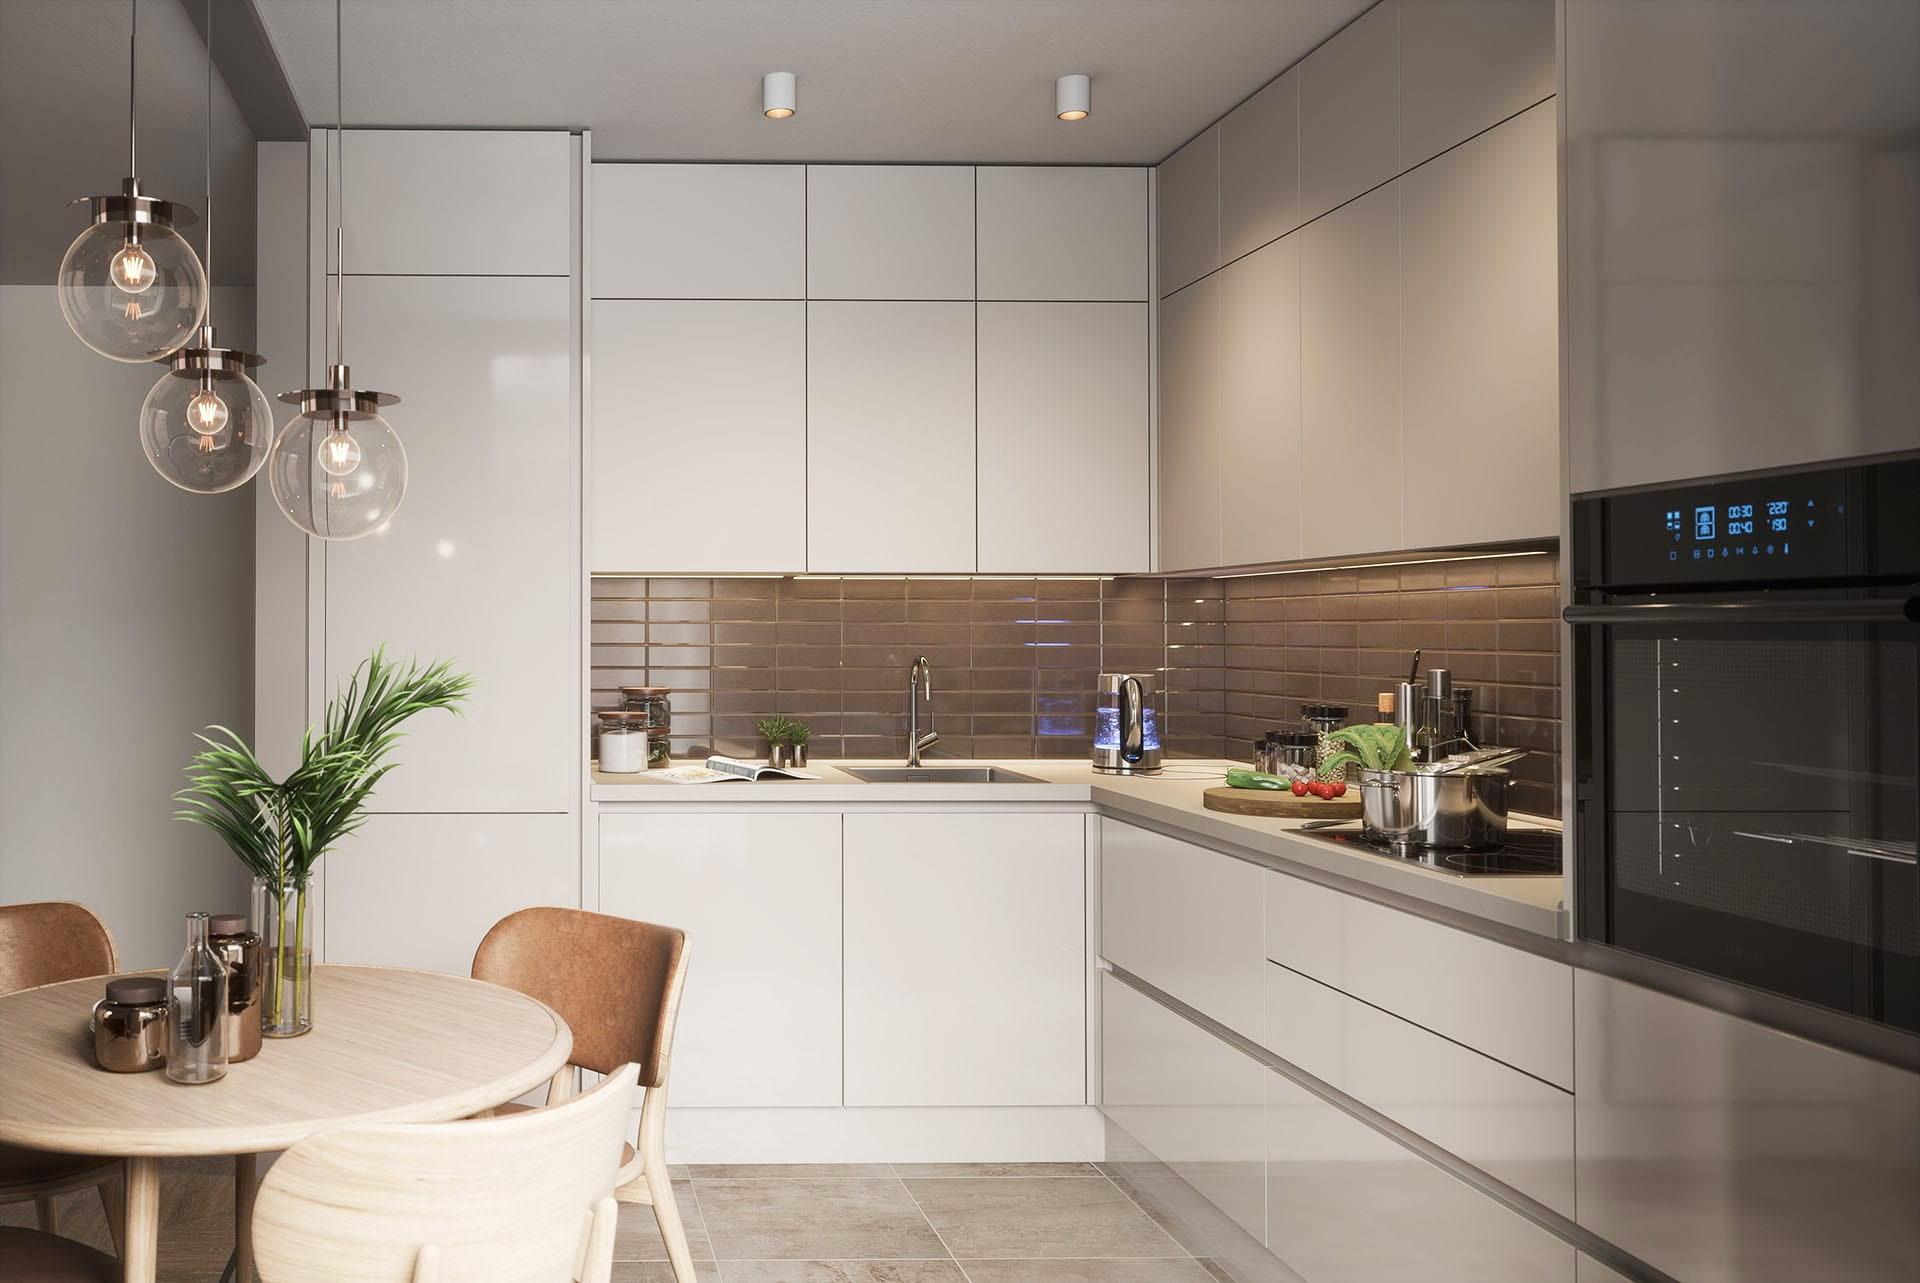 hochwertiges küchenmöbel moderne küchen traumküche